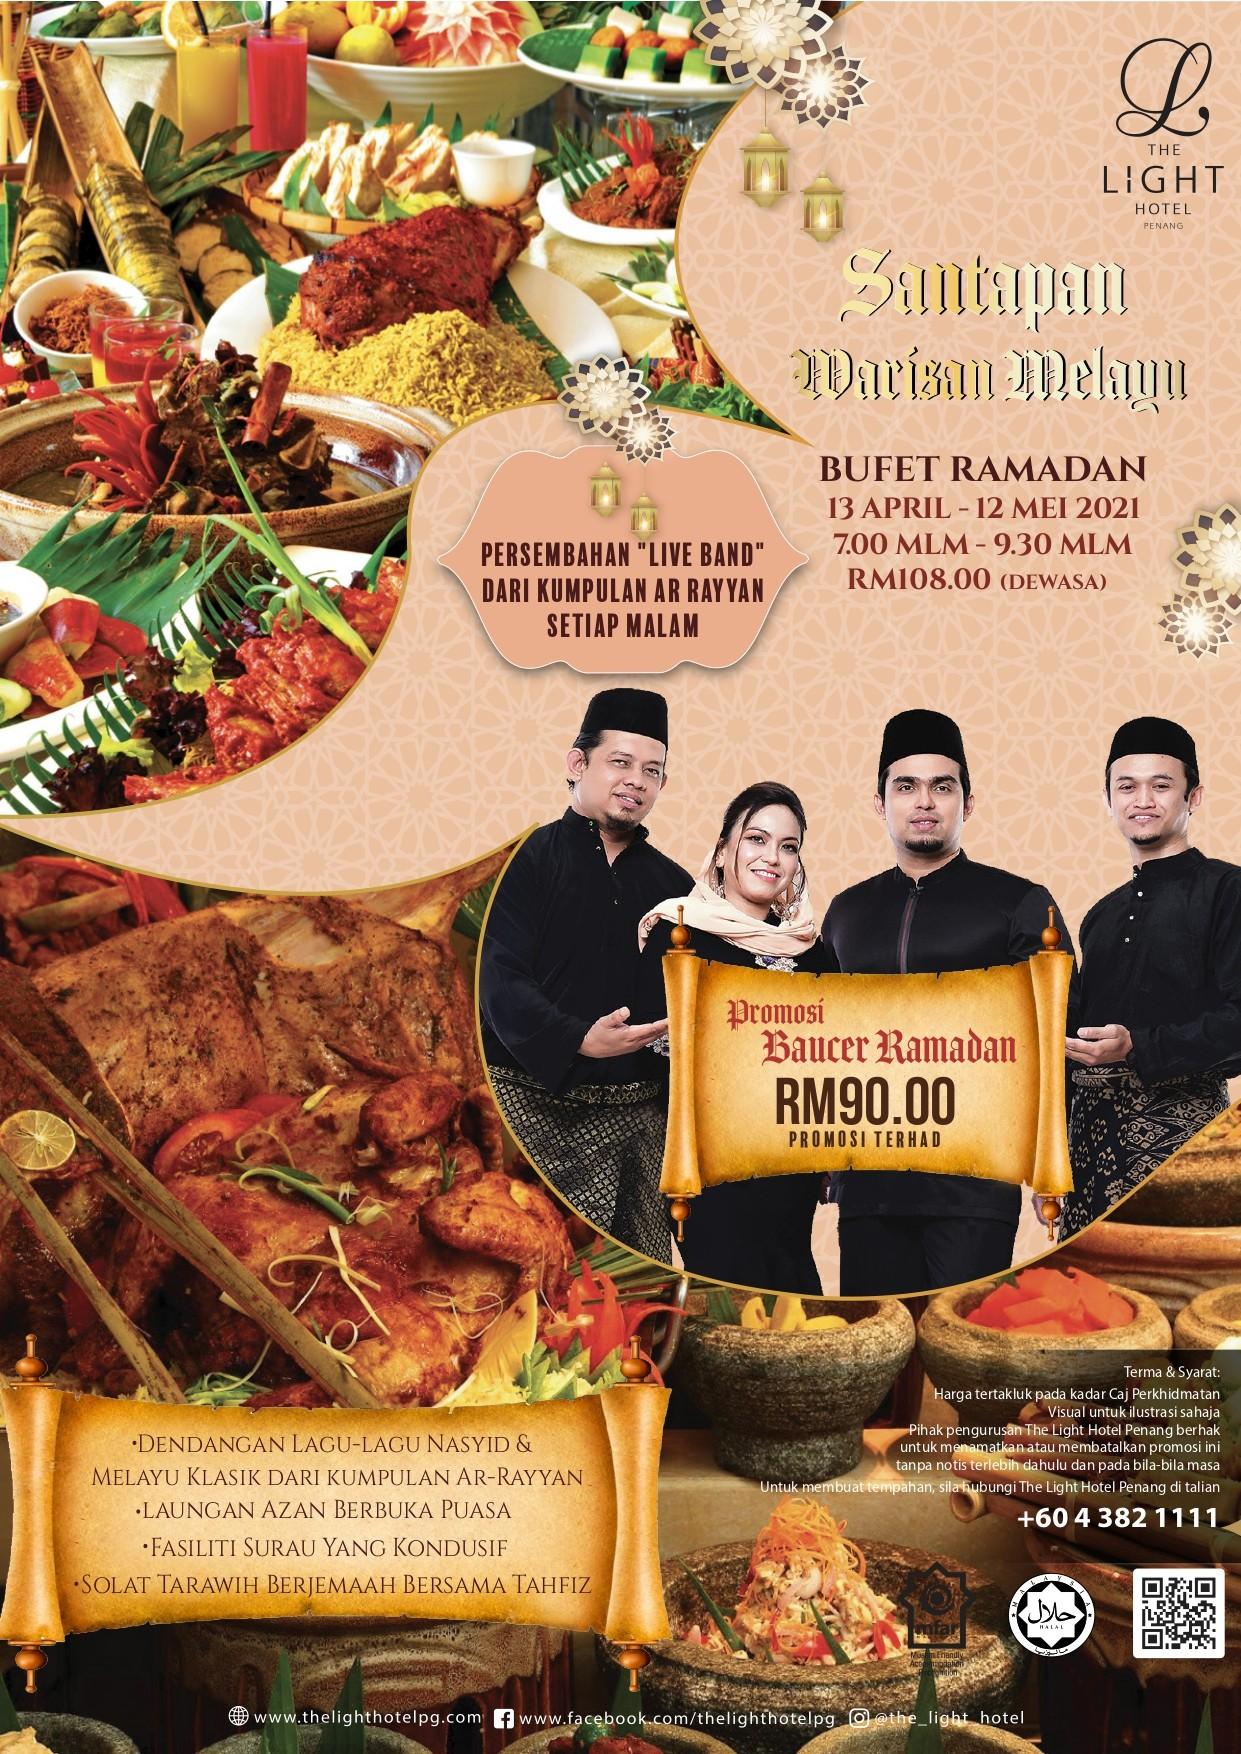 Santapan Warisan Melayu Buffet Ramadan by The Light Hotel